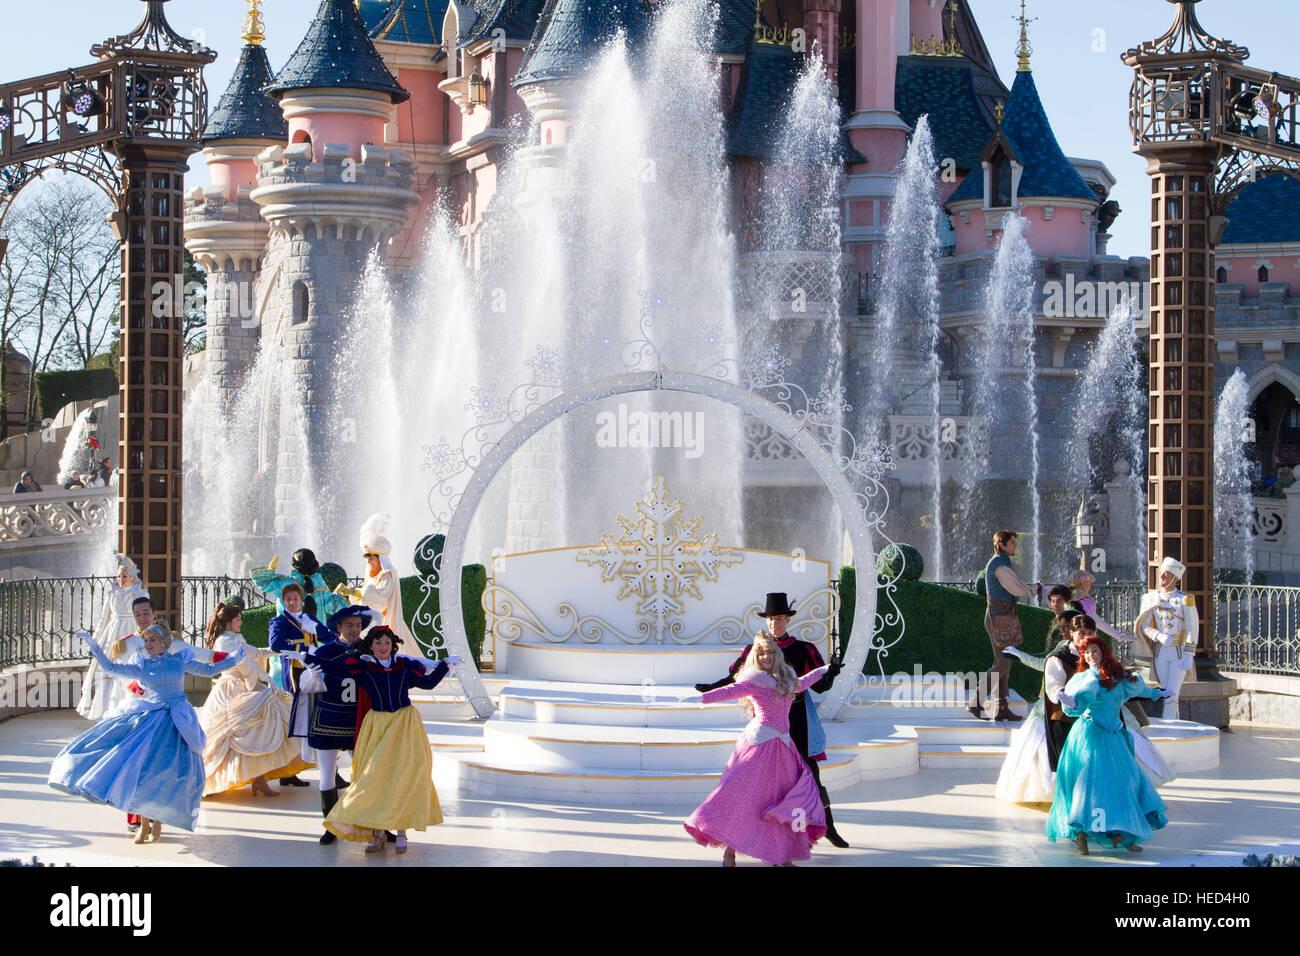 Disneyland Paris Christmas Stock Photos & Disneyland Paris Christmas ...